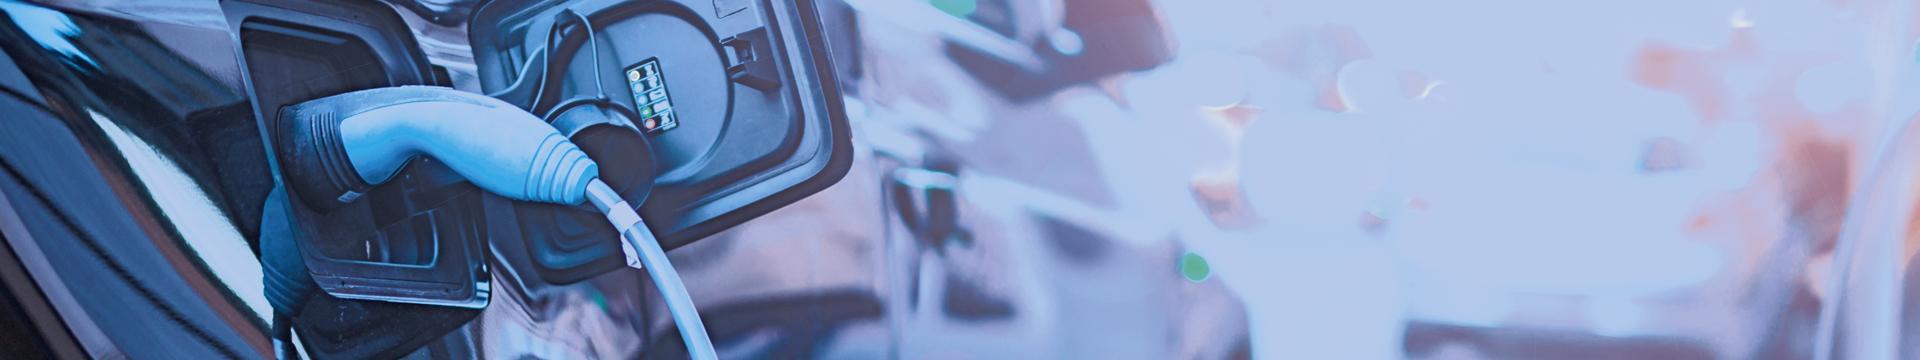 header-automotive.JPG